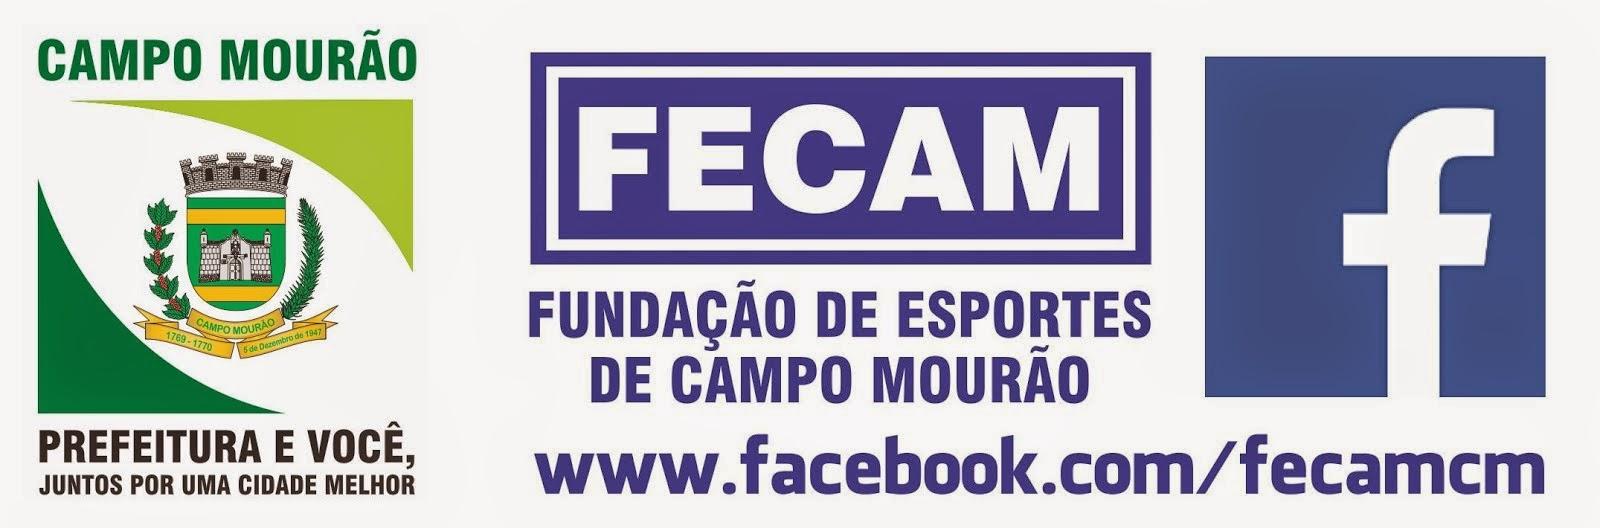 Fundação de Esportes de Campo Mourão